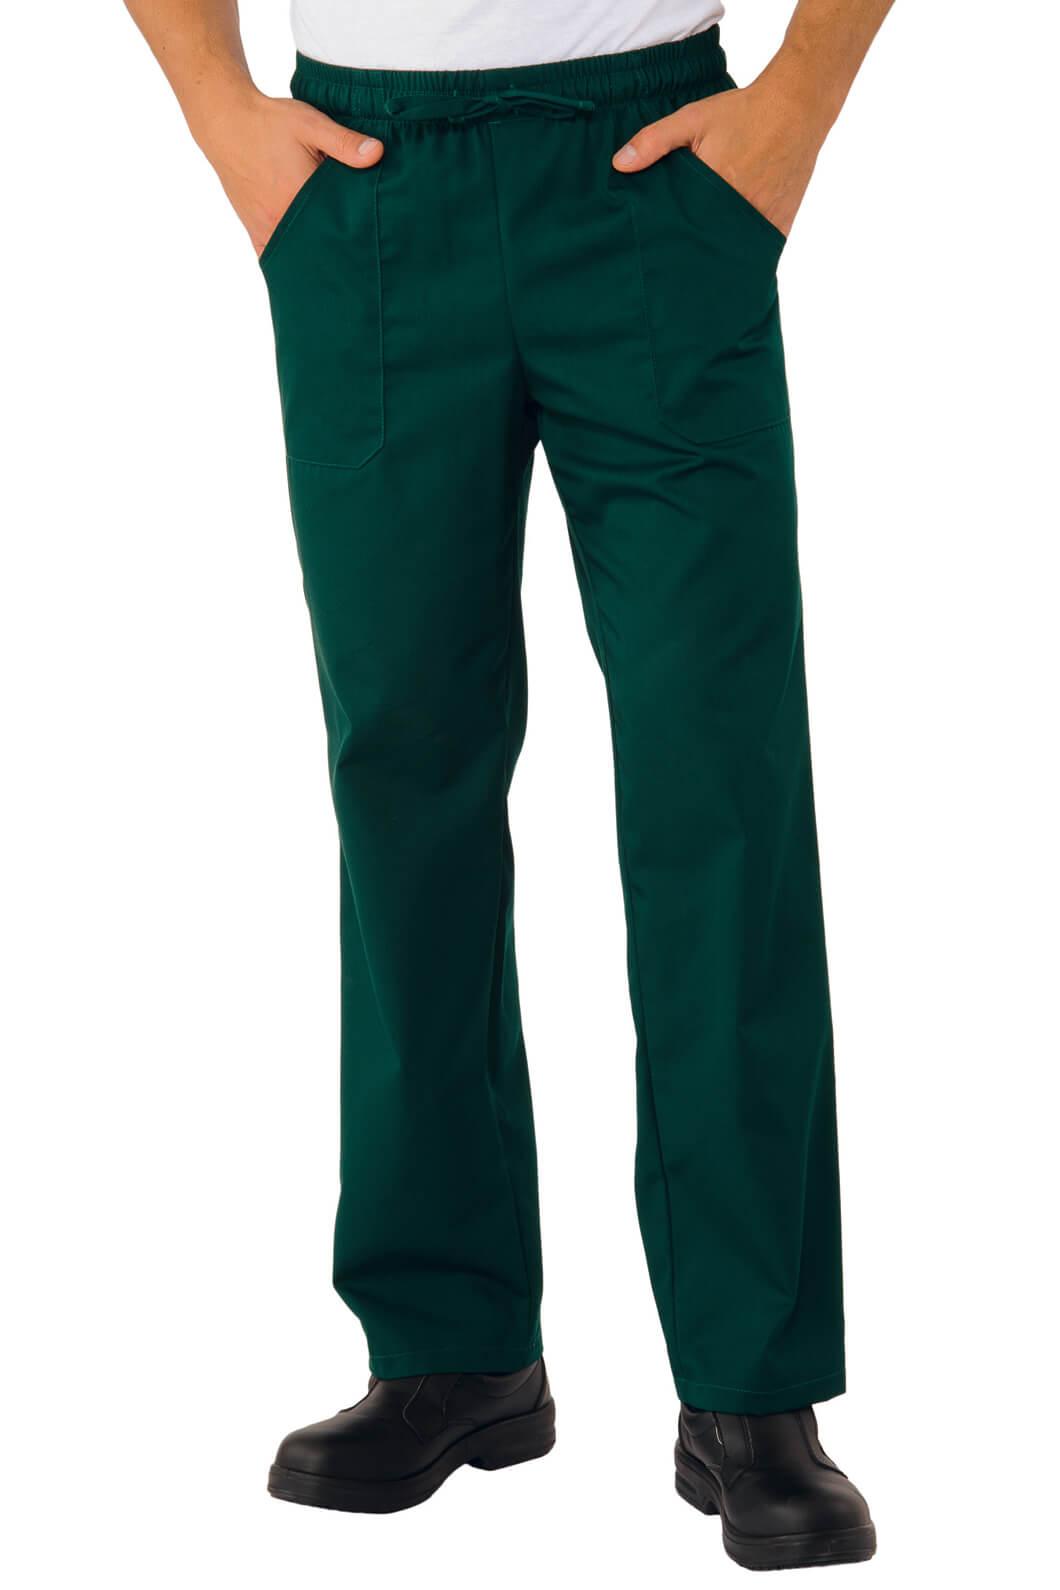 Pantalon cuisinier verdone pantalons de cuisine for Cuisinier collectivite 86